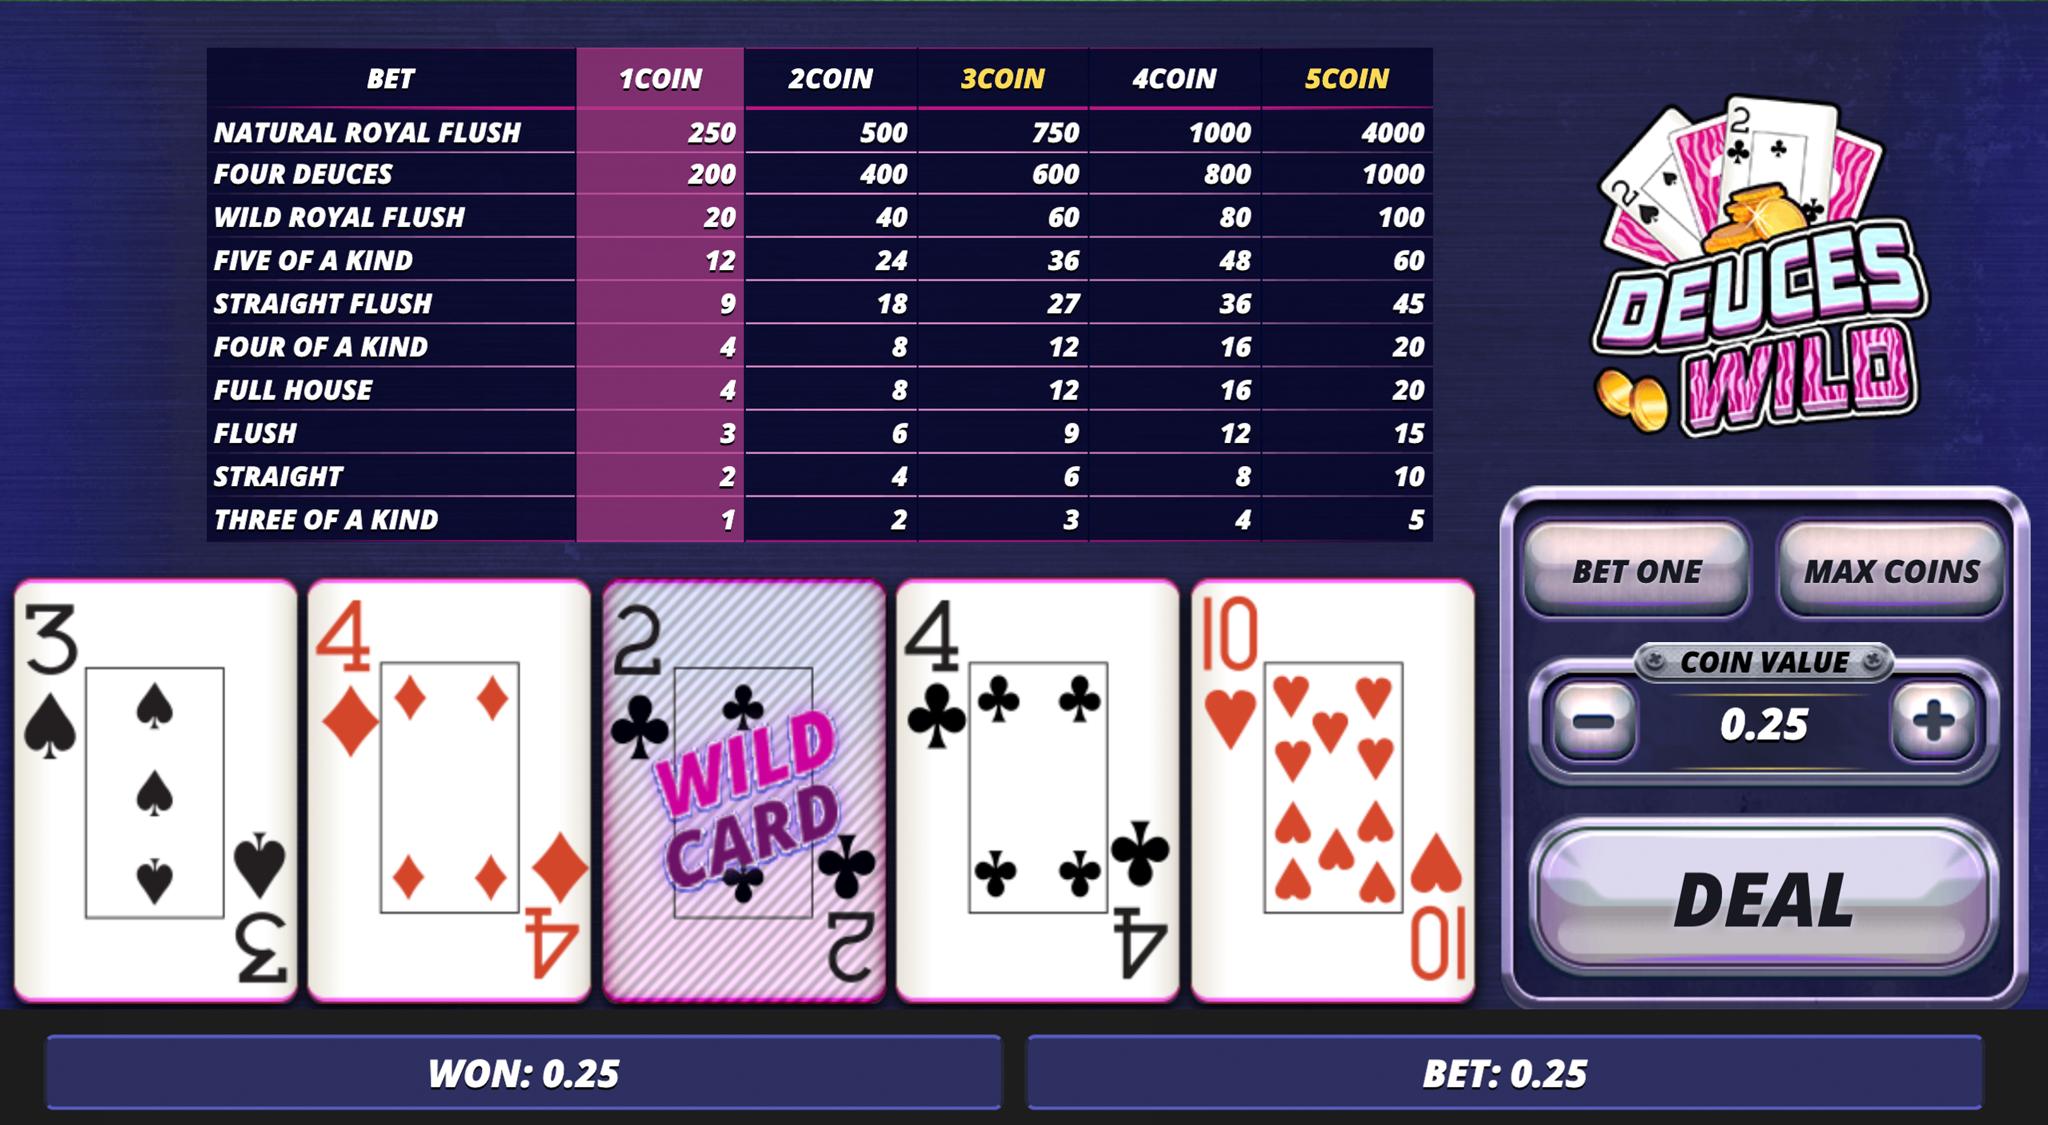 Видео покер онлайн играть на деньги играть в карты паук бесплатно